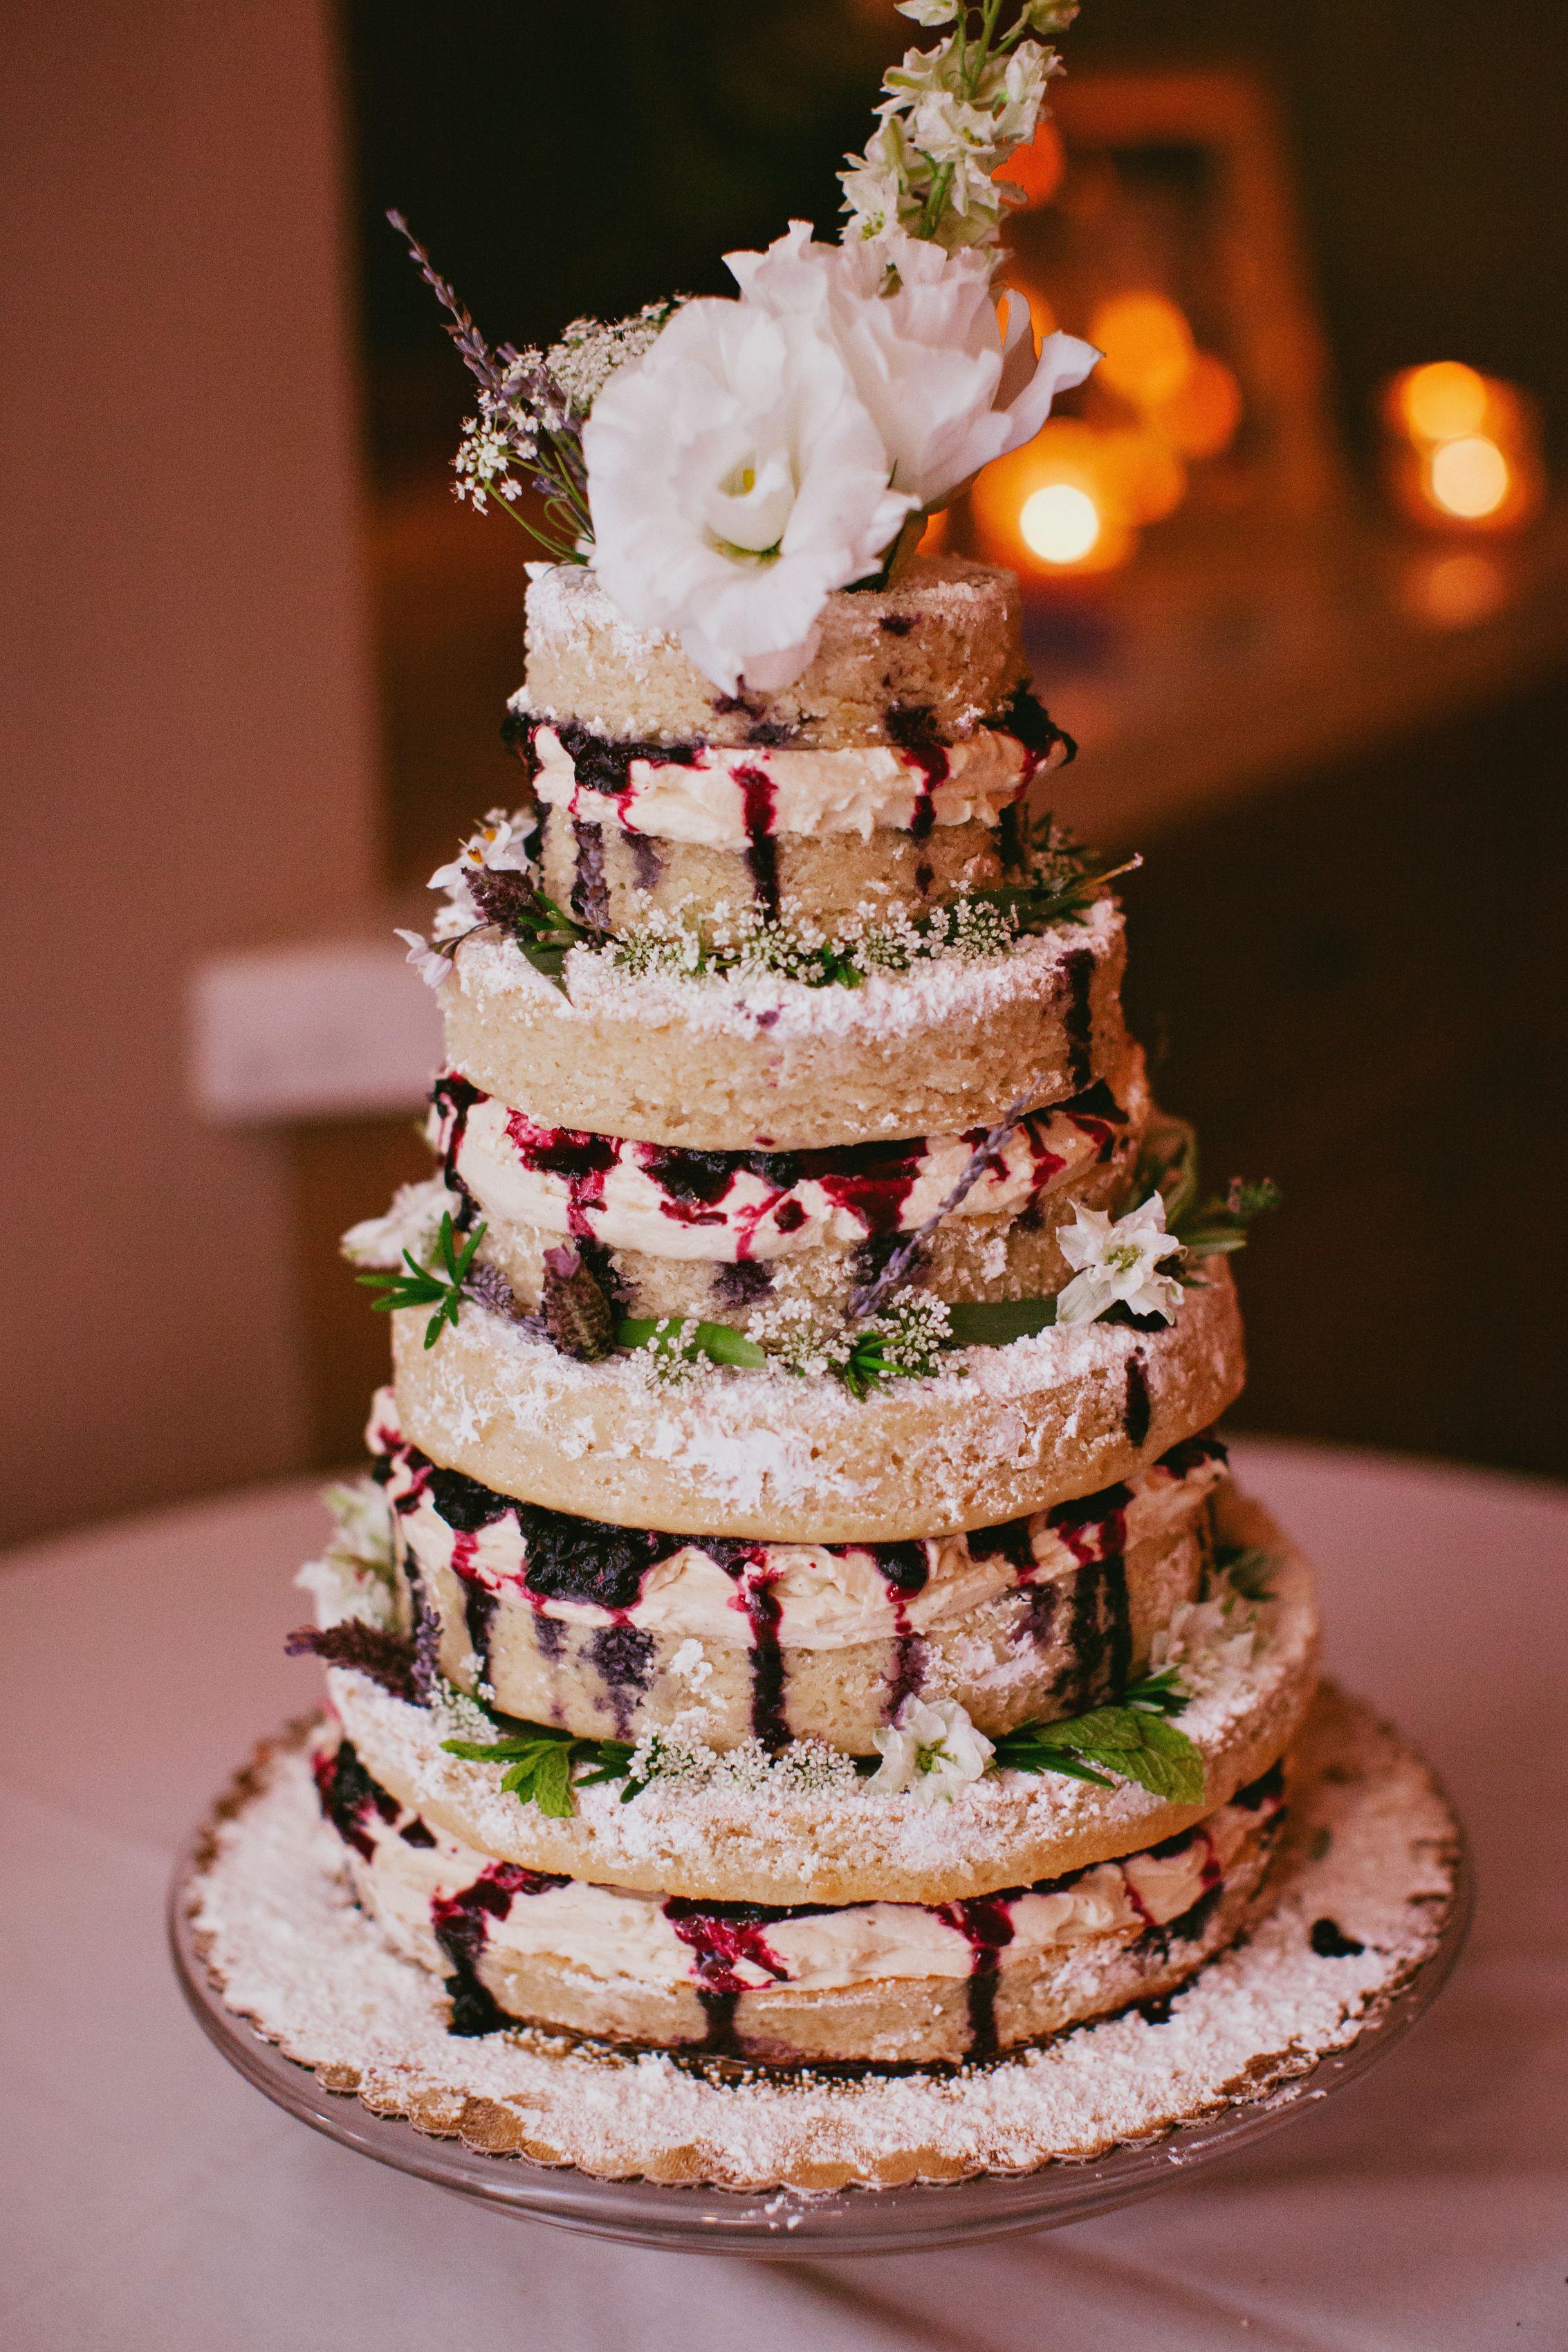 How I Made a Glam 3 Tier Vegan Wedding Cake & Lived to